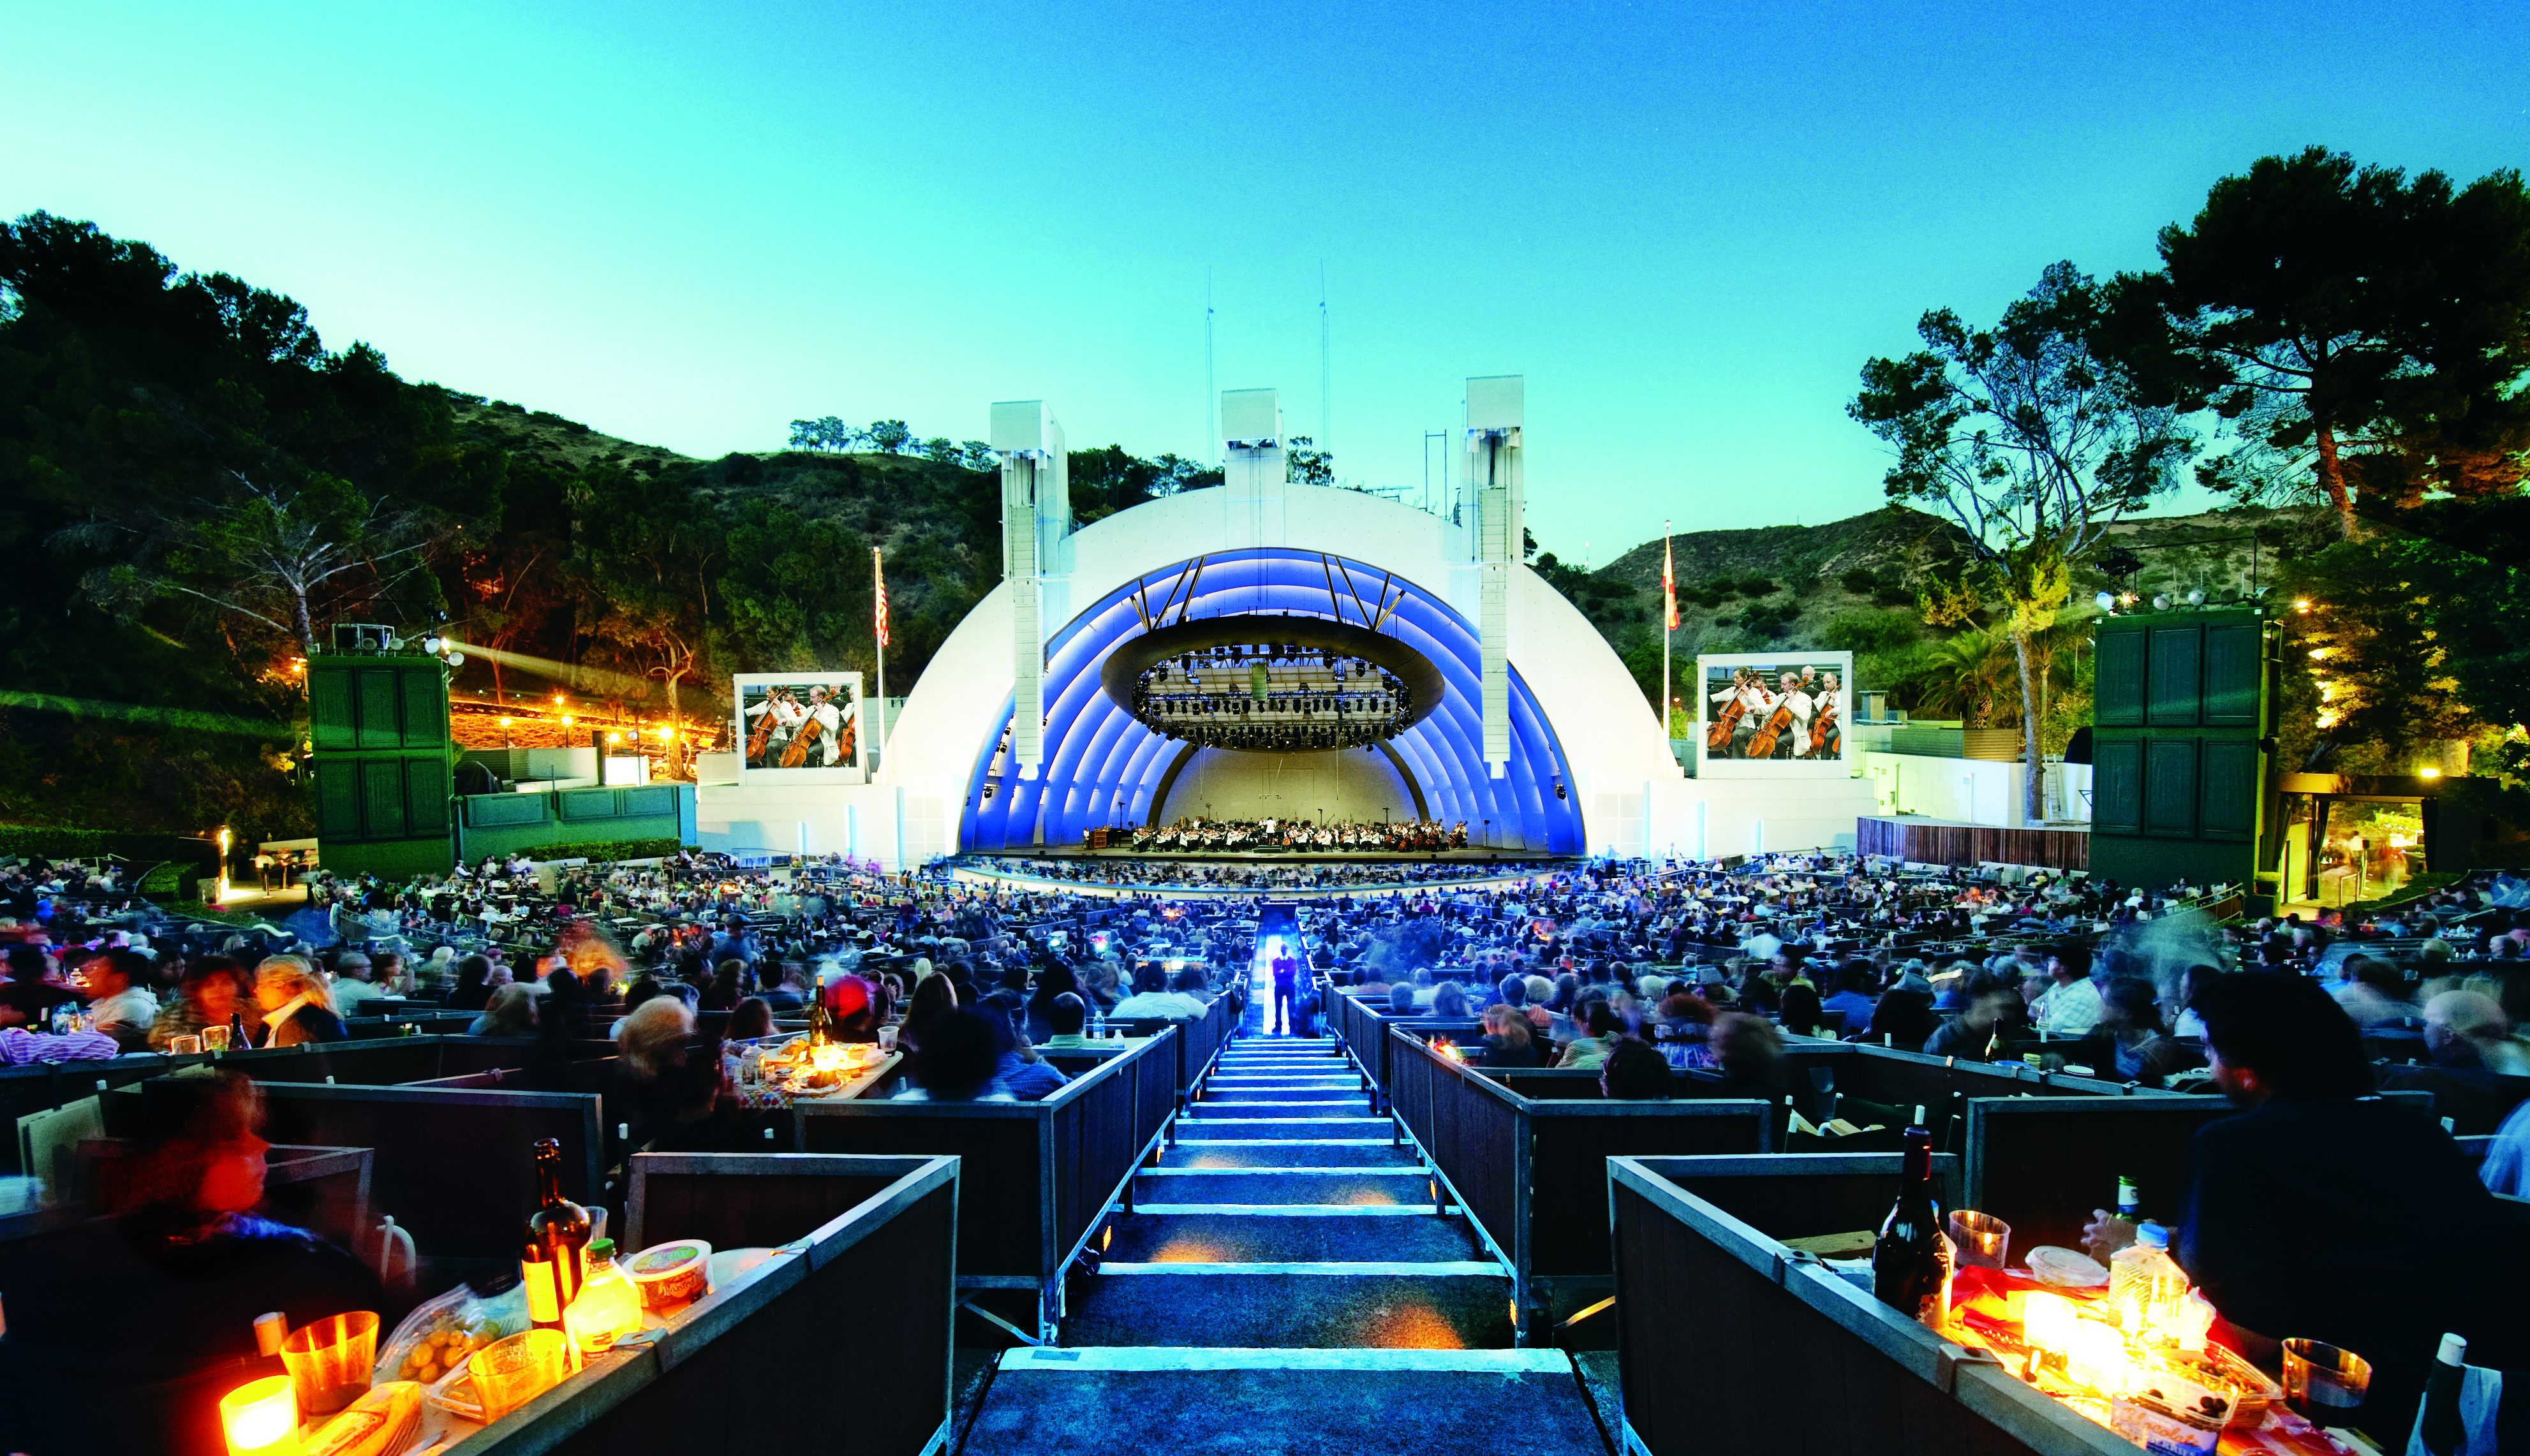 Hollywood Bowl Calendar 2022.Hollywood Bowl Sets Summer Season Christina Aguilera H E R And More Variety